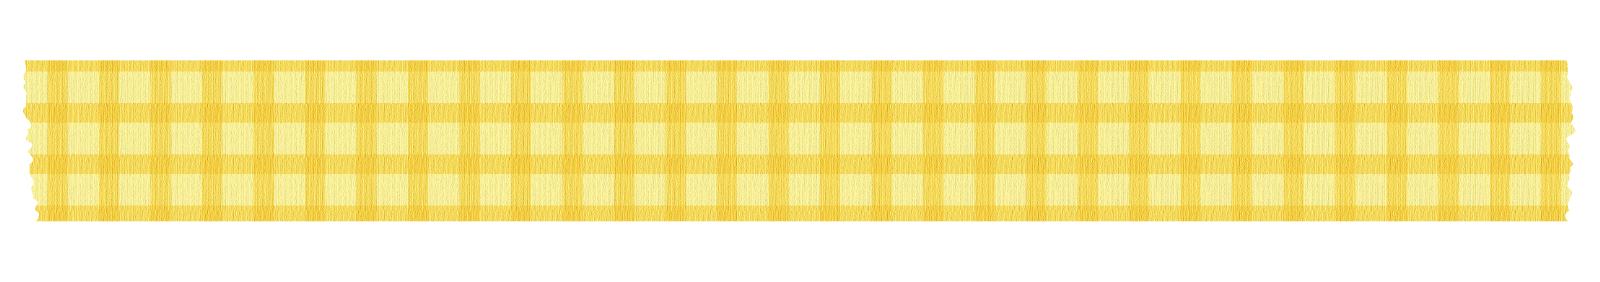 長く切った黄色いチェックのマスキングテープ